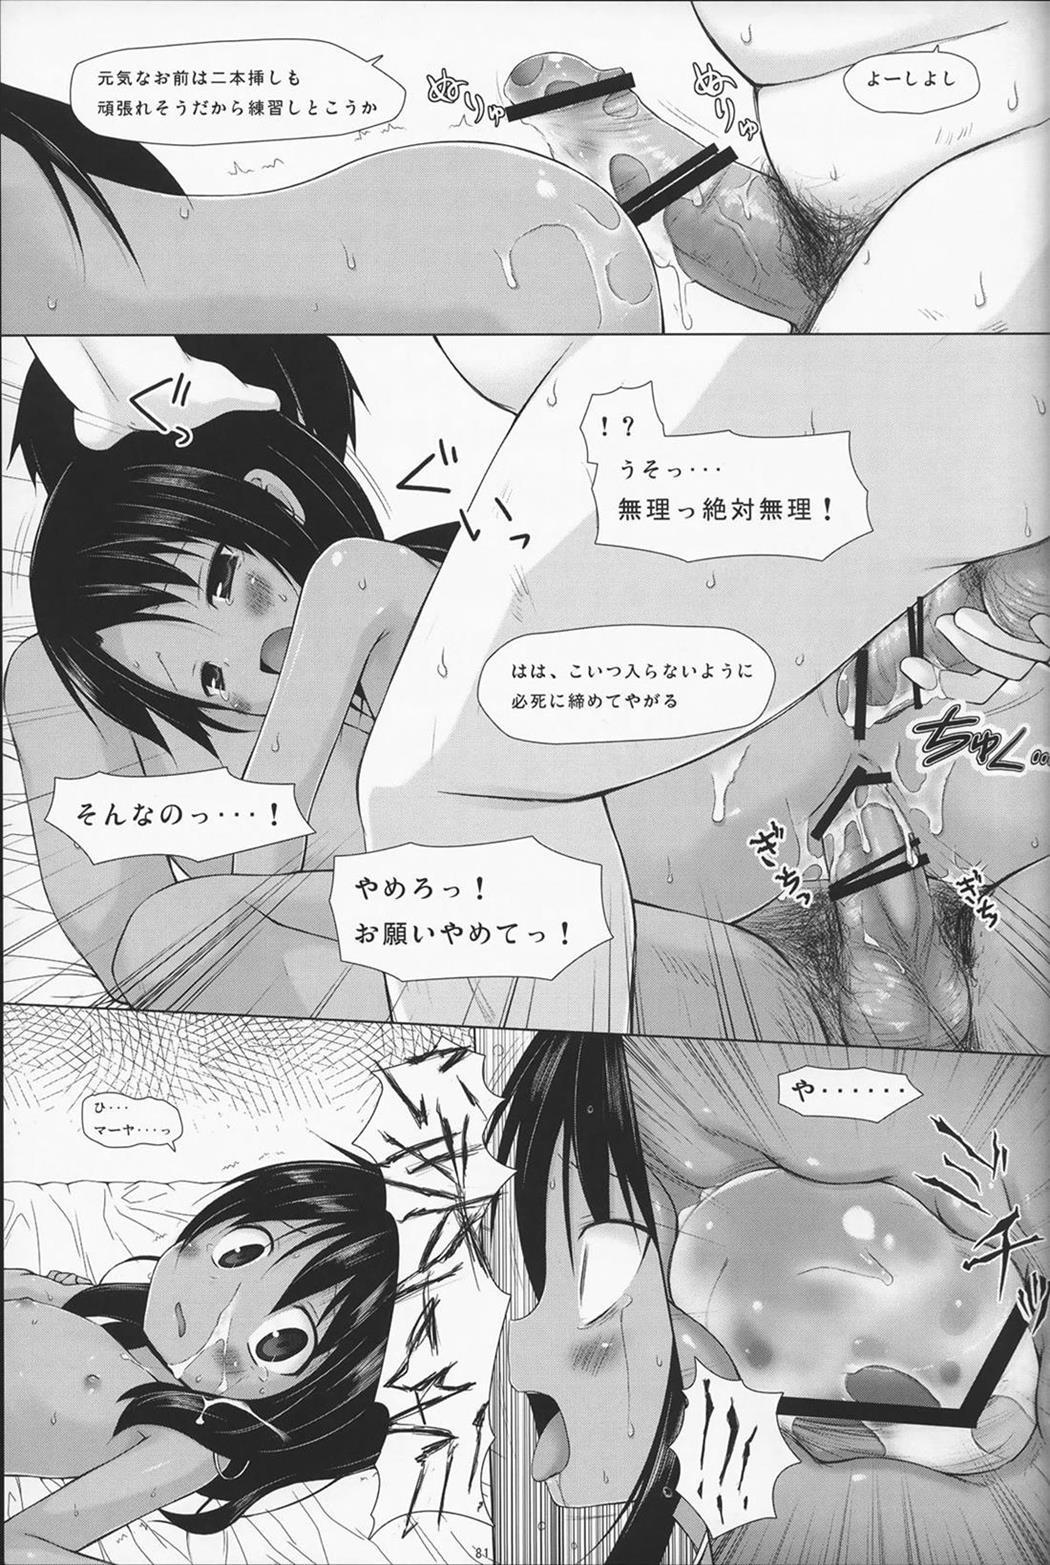 【エロ漫画・エロ同人誌】異国で父親に売られて売春する羽目になったロリ少女wひたすらお客とエッチしてる毎日を送ってたら日本人の男に助けられ日本に来てもセックス依存がぬけてないwww (81)